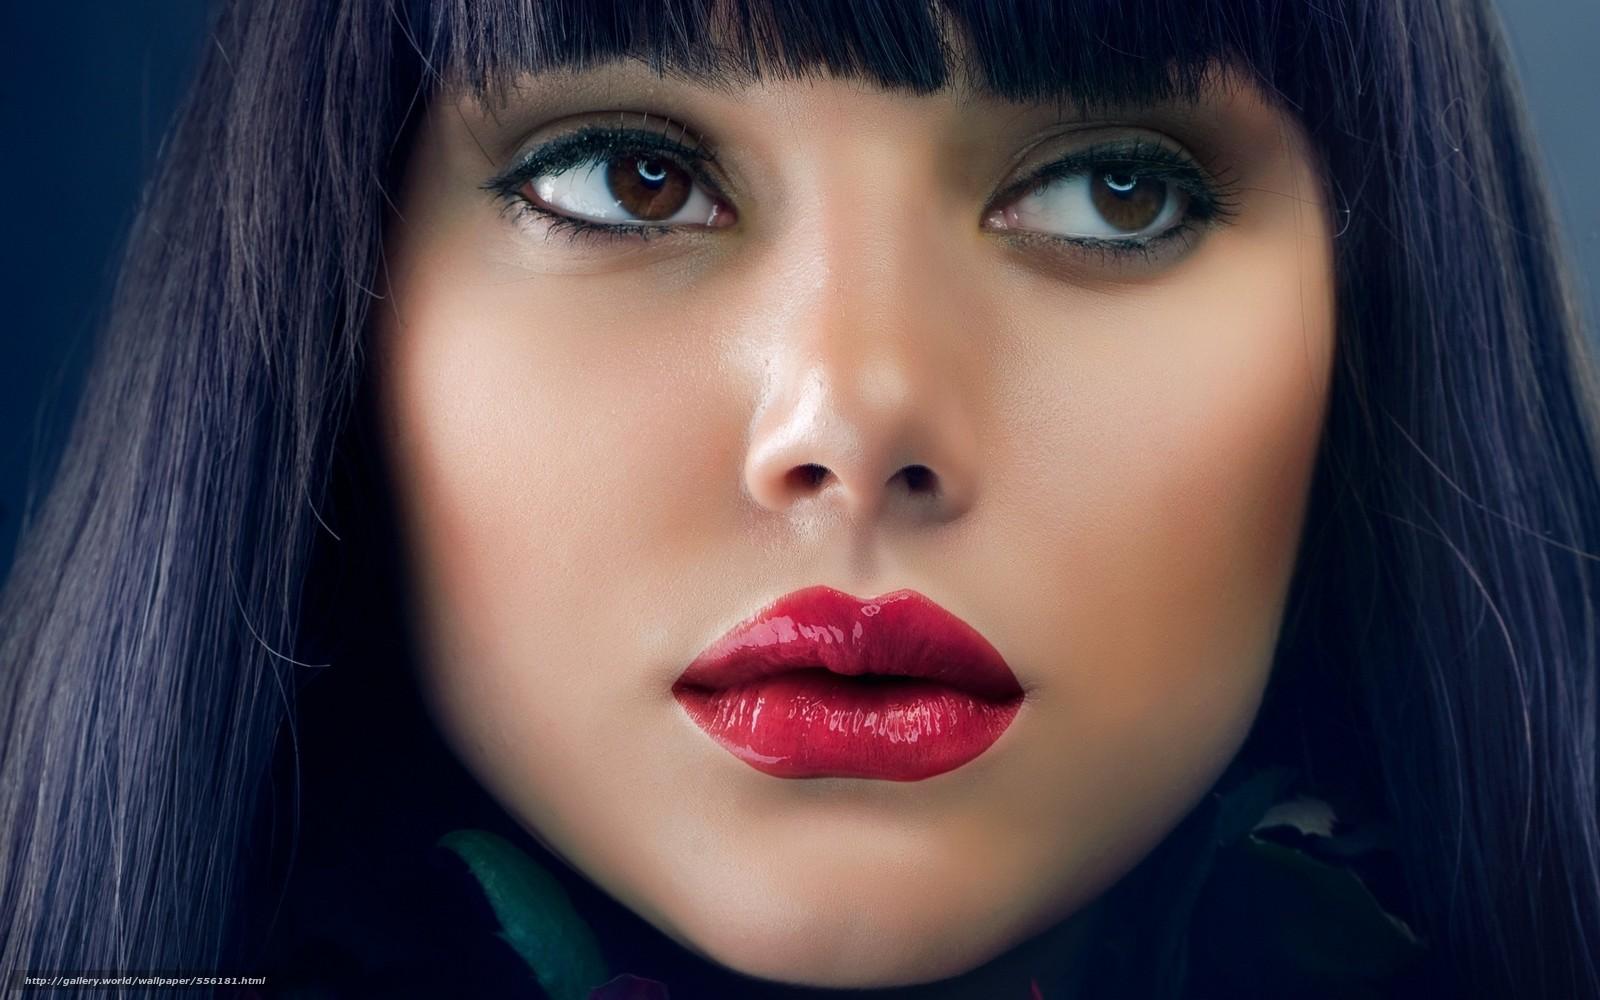 Скачать обои лицо,  портрет,  губы,  помада бесплатно для рабочего стола в разрешении 2560x1600 — картинка №556181